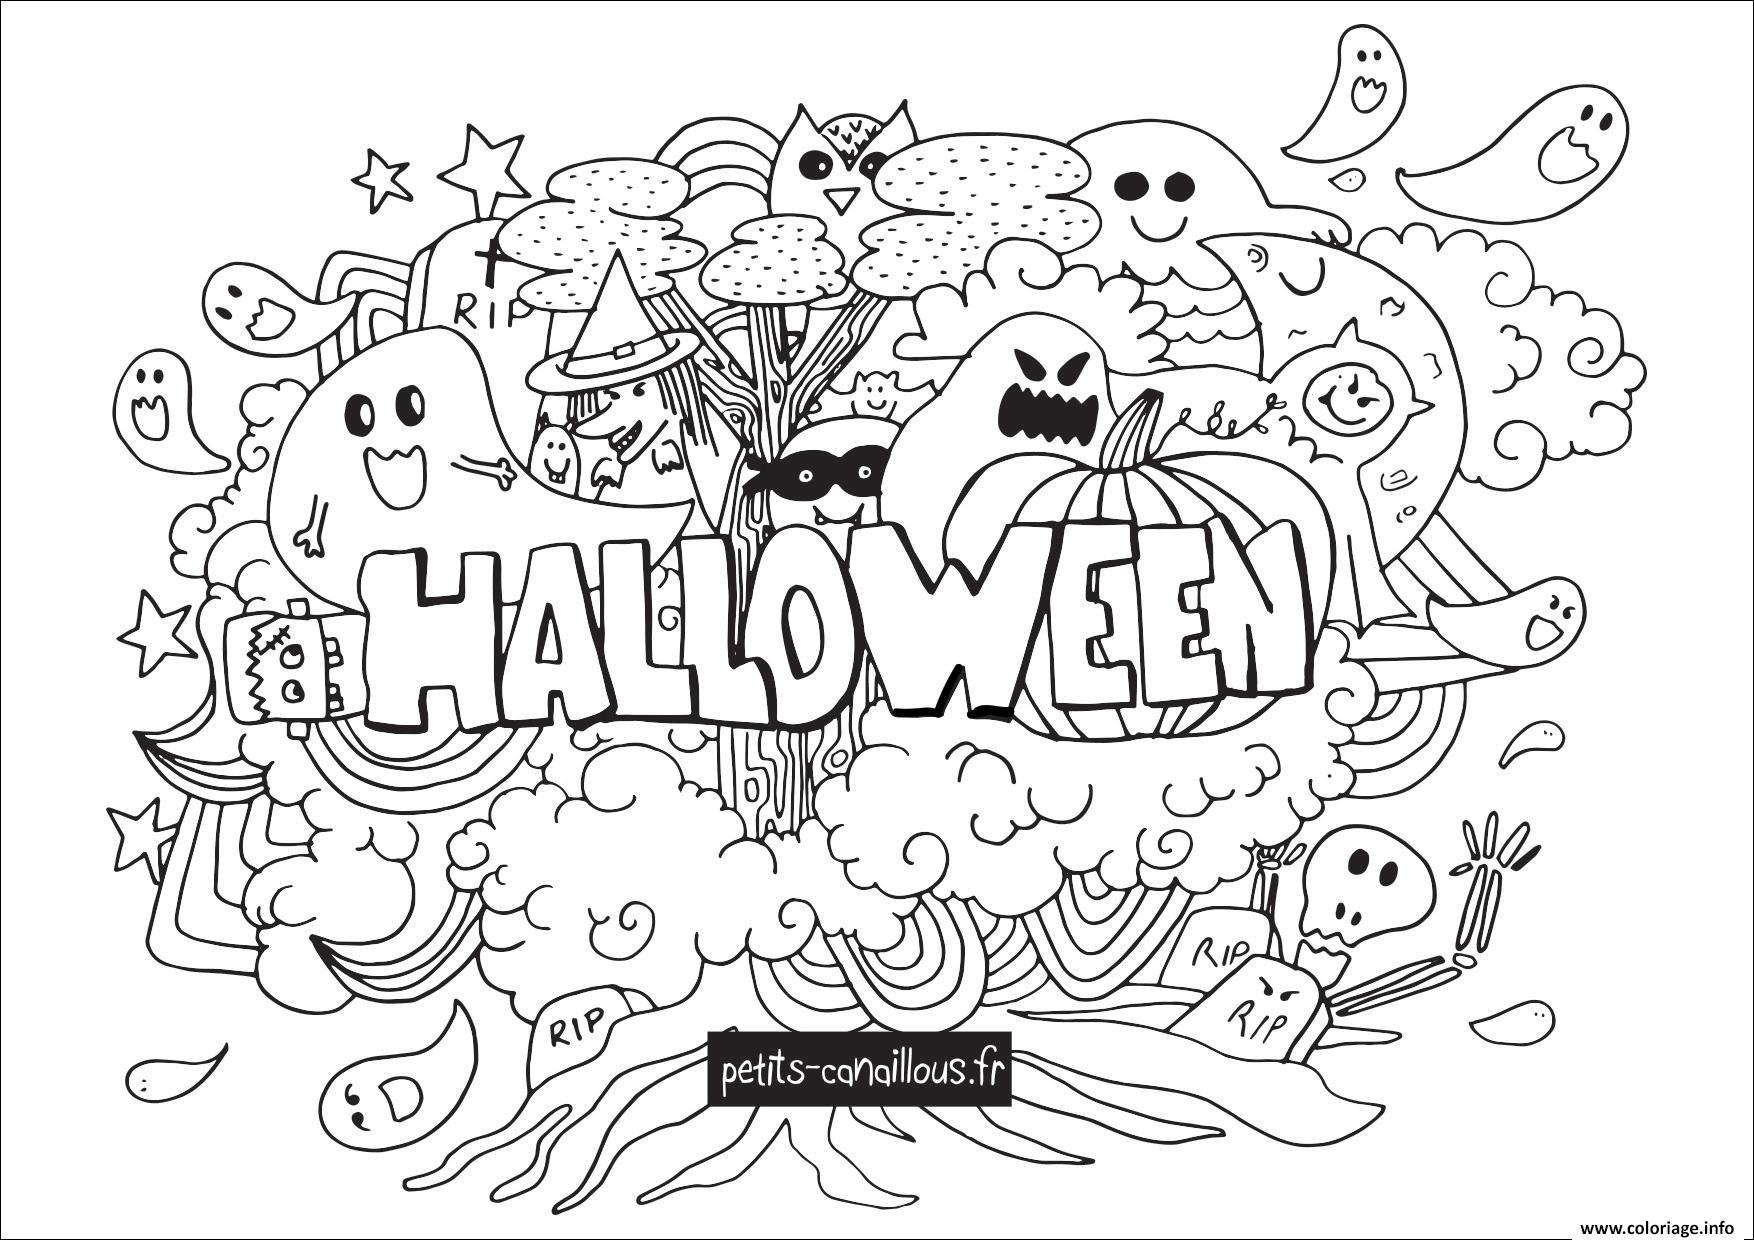 Dessin halloween doodle Coloriage Gratuit à Imprimer